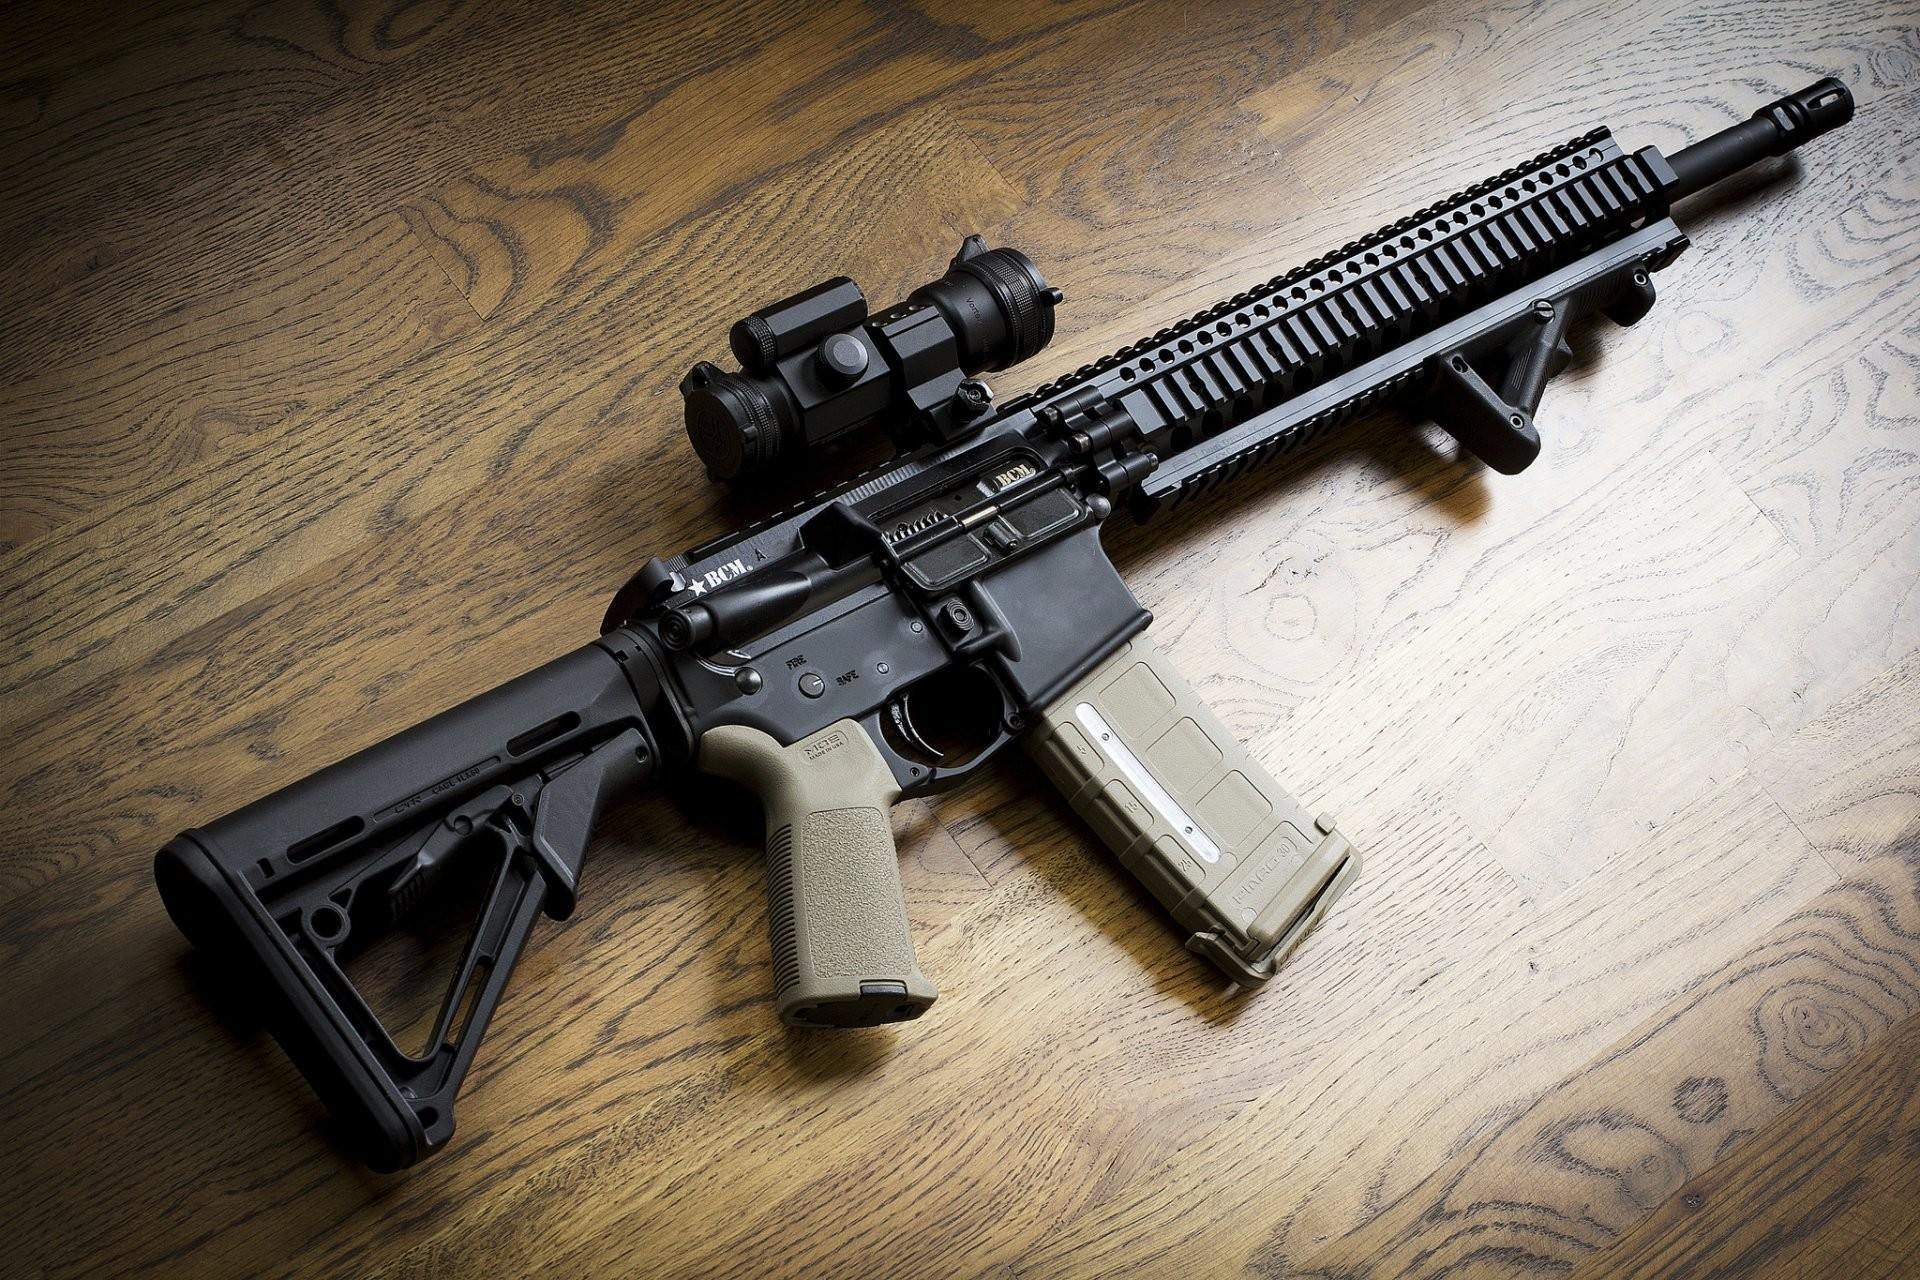 ar-15 bcm assault rifle assault rifle background weapon